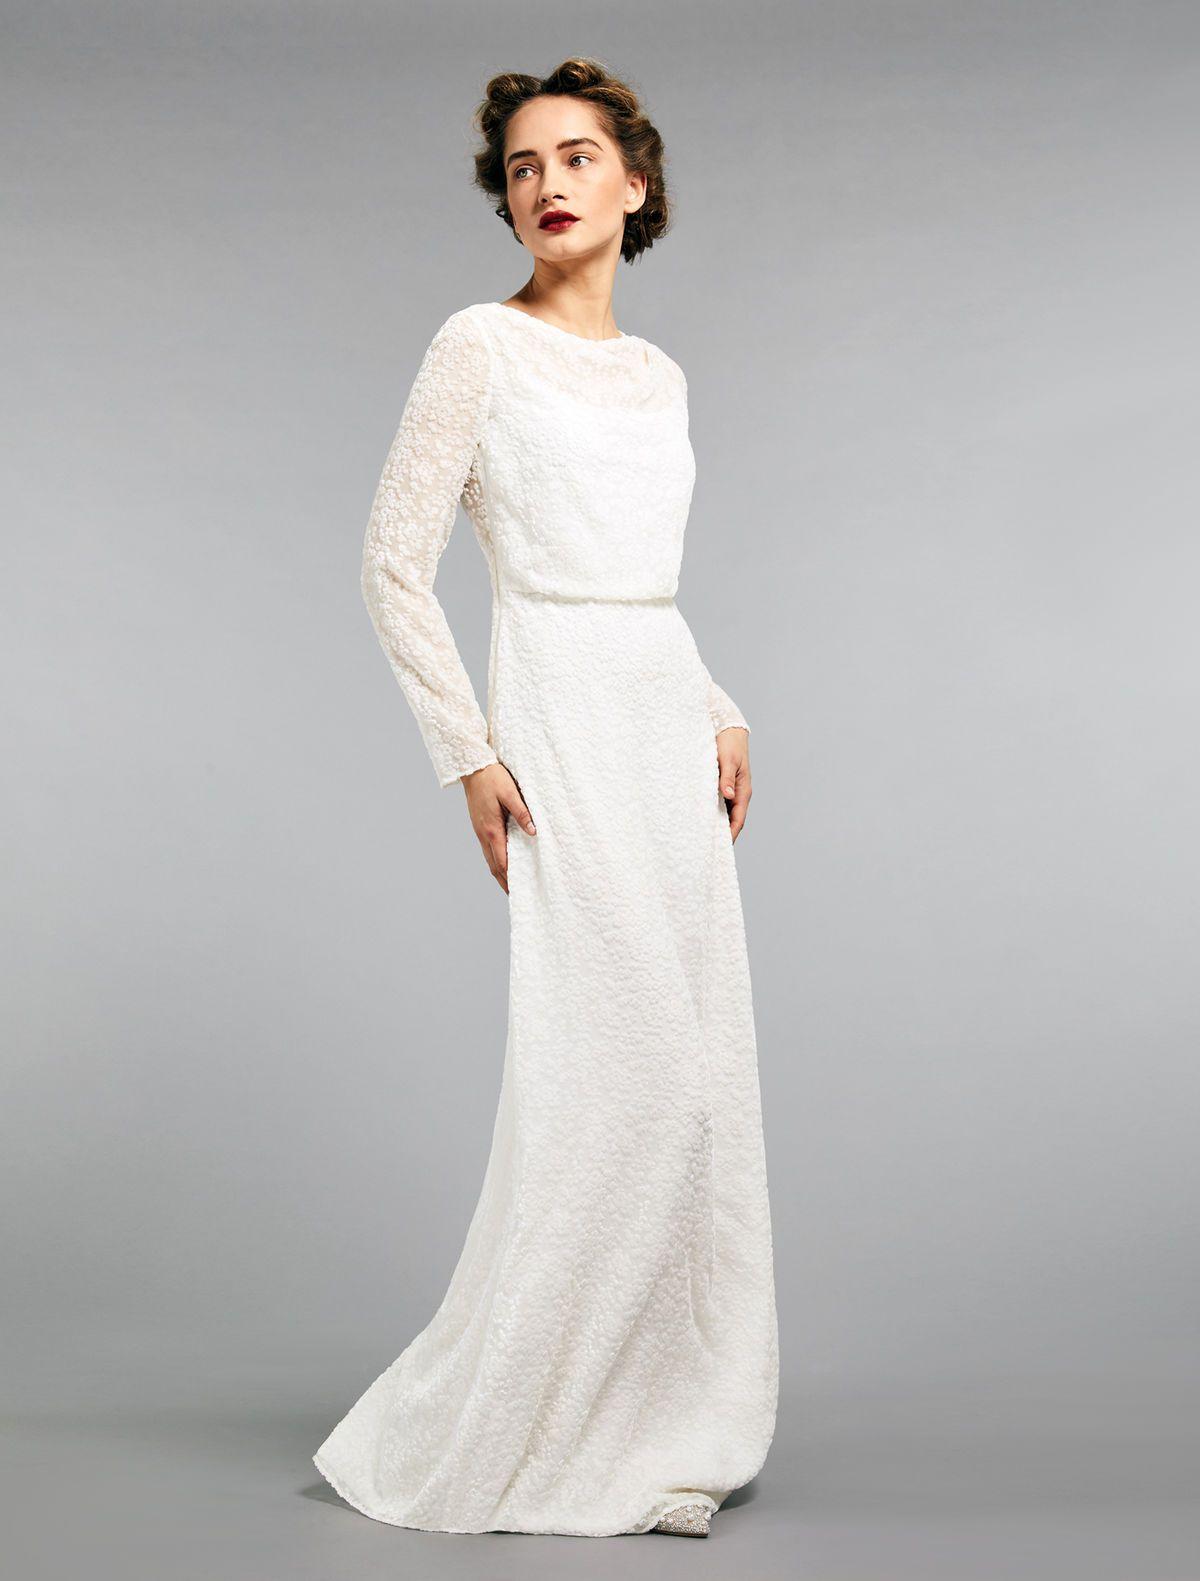 30+ White velvet dress ideas in 2021